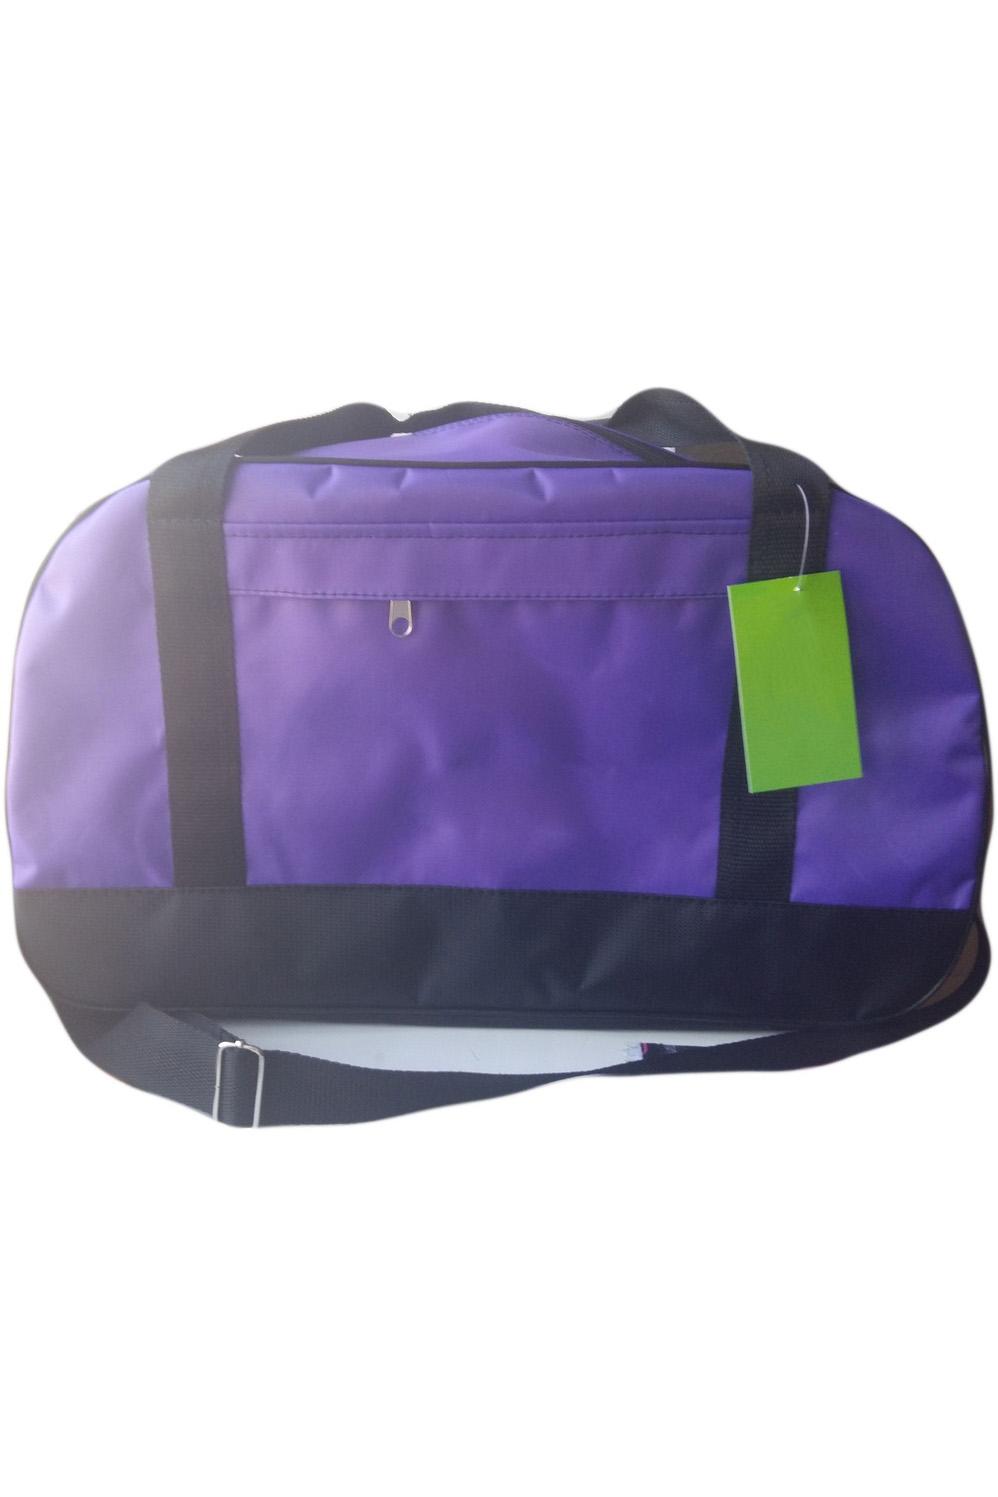 Спортивная сумкаСпортивные<br>Удобная и вместительная спортивная сумка.  Размер: 47*22*21 см.  В изделии использованы цвета: фиолетовый, черный<br><br>По материалу: Тканевые<br>По рисунку: Цветные<br>По степени жесткости: Мягкие<br>По типу застежки: С застежкой молнией<br>По сезону: Всесезон<br>Ручки: Длинные,Короткие<br>По стилю: Повседневный стиль<br>По форме: Трапециевидные<br>Размер : UNI<br>Материал: Полиэстер<br>Количество в наличии: 1